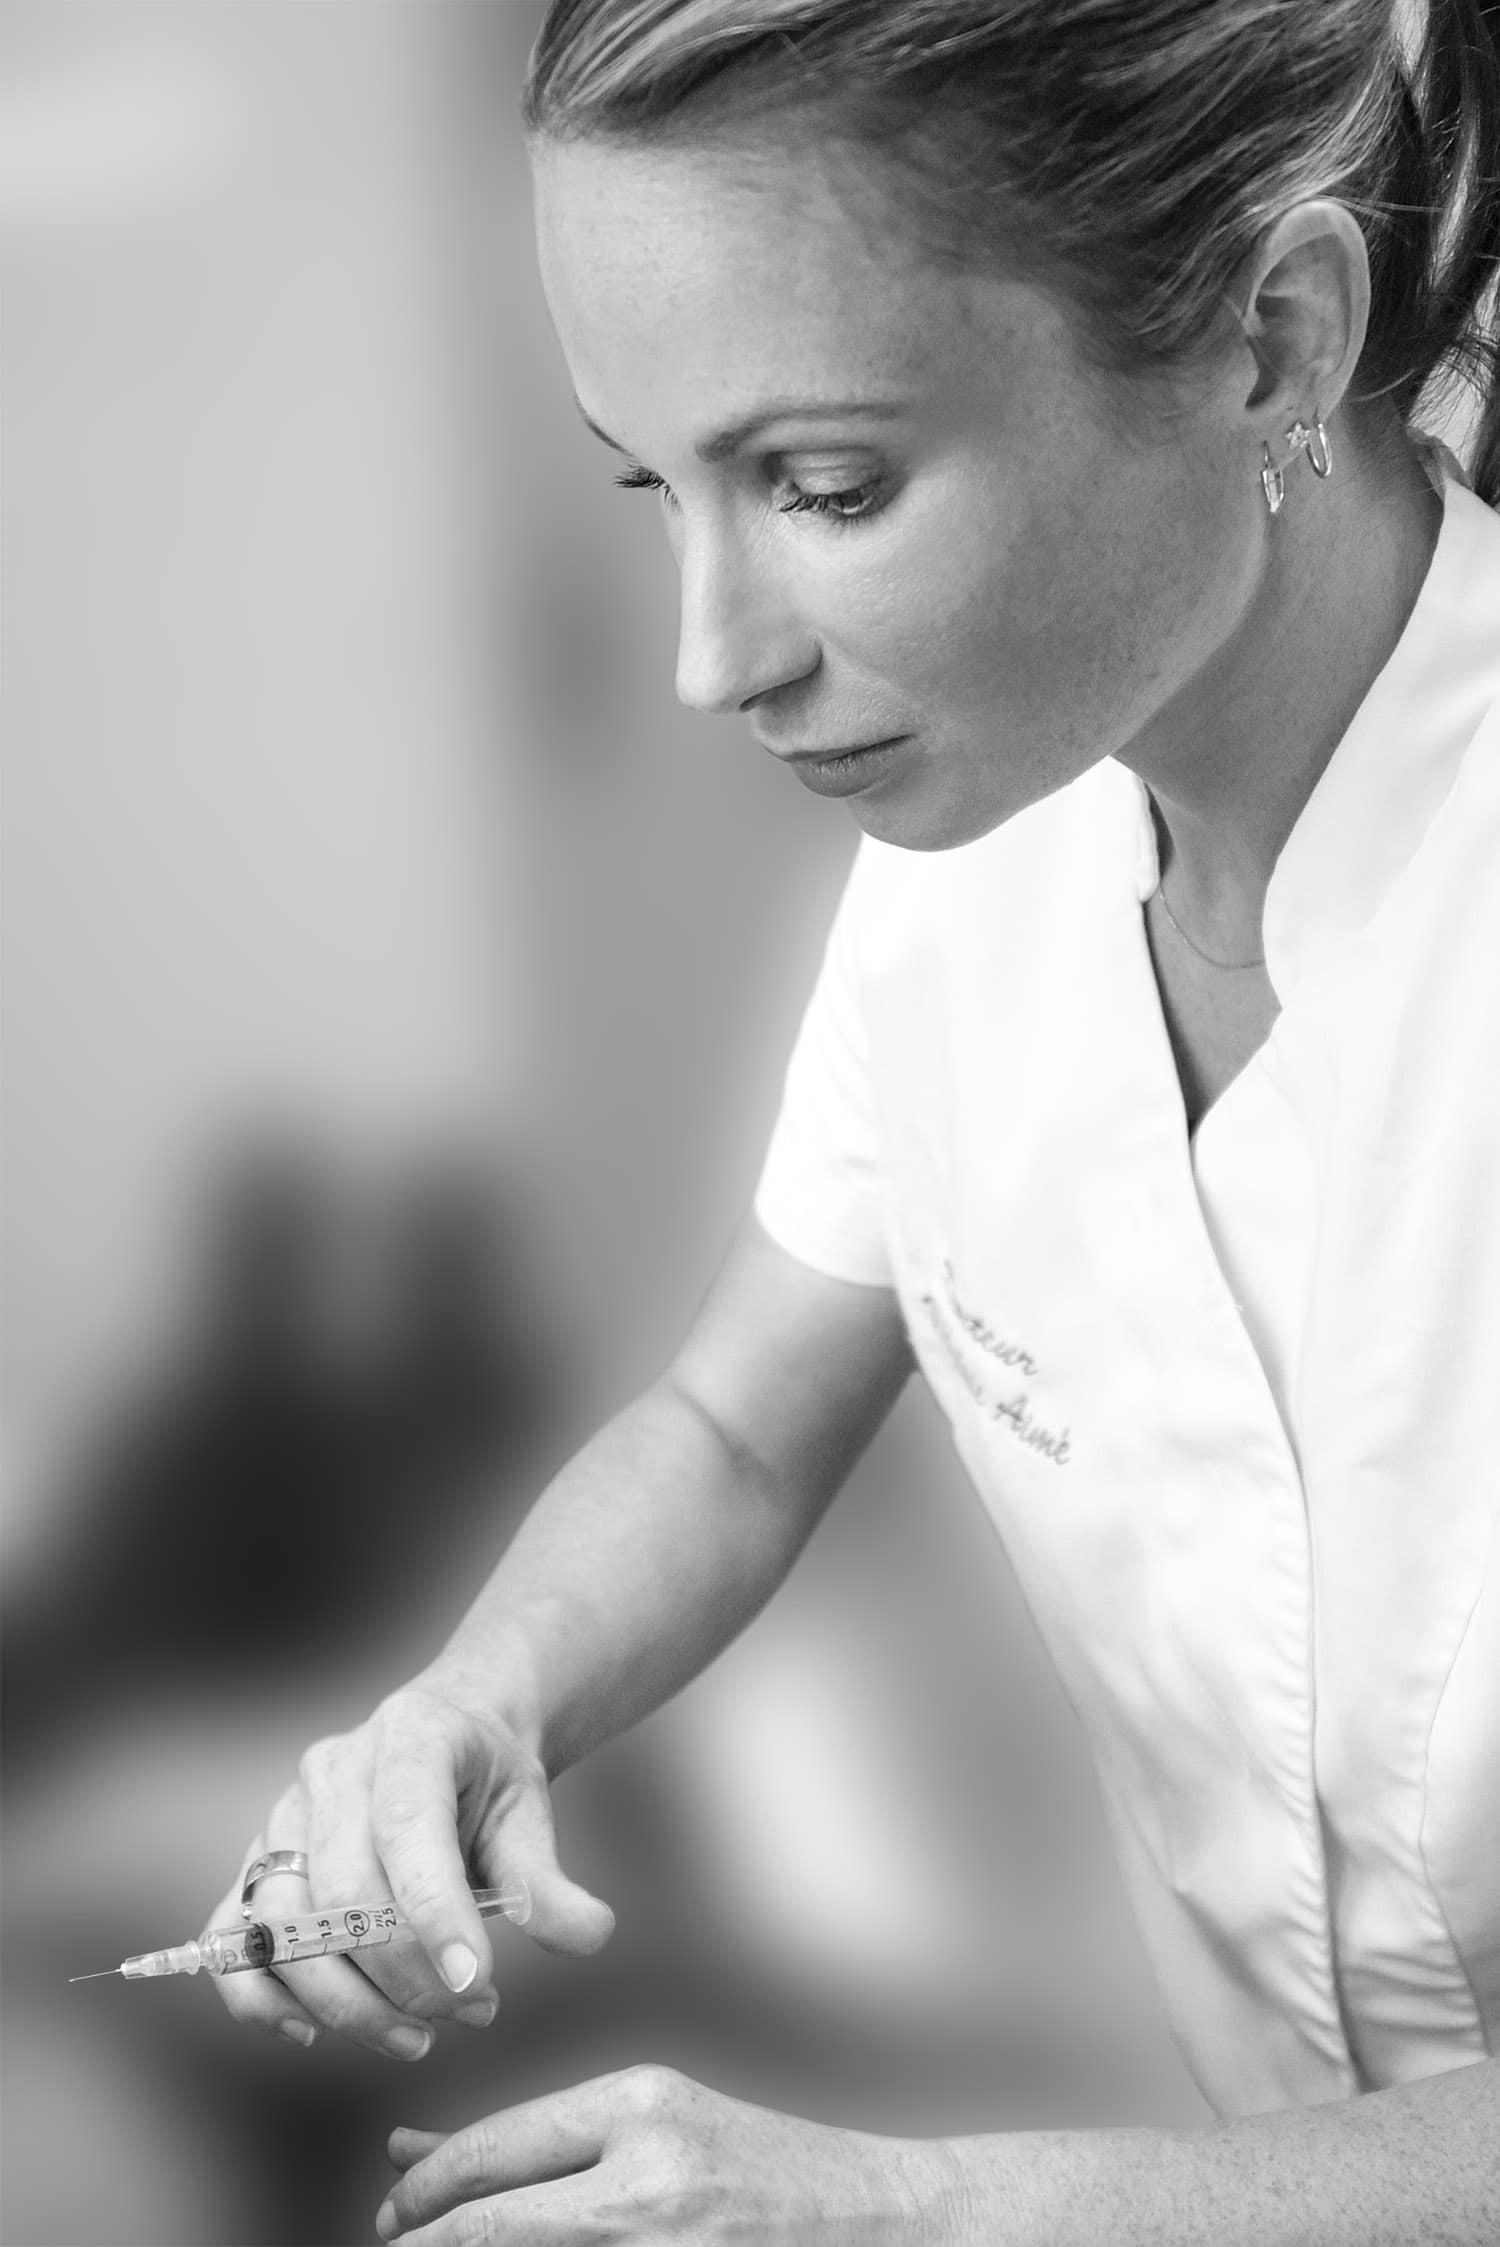 Docteur Aimé injection médecine esthétique